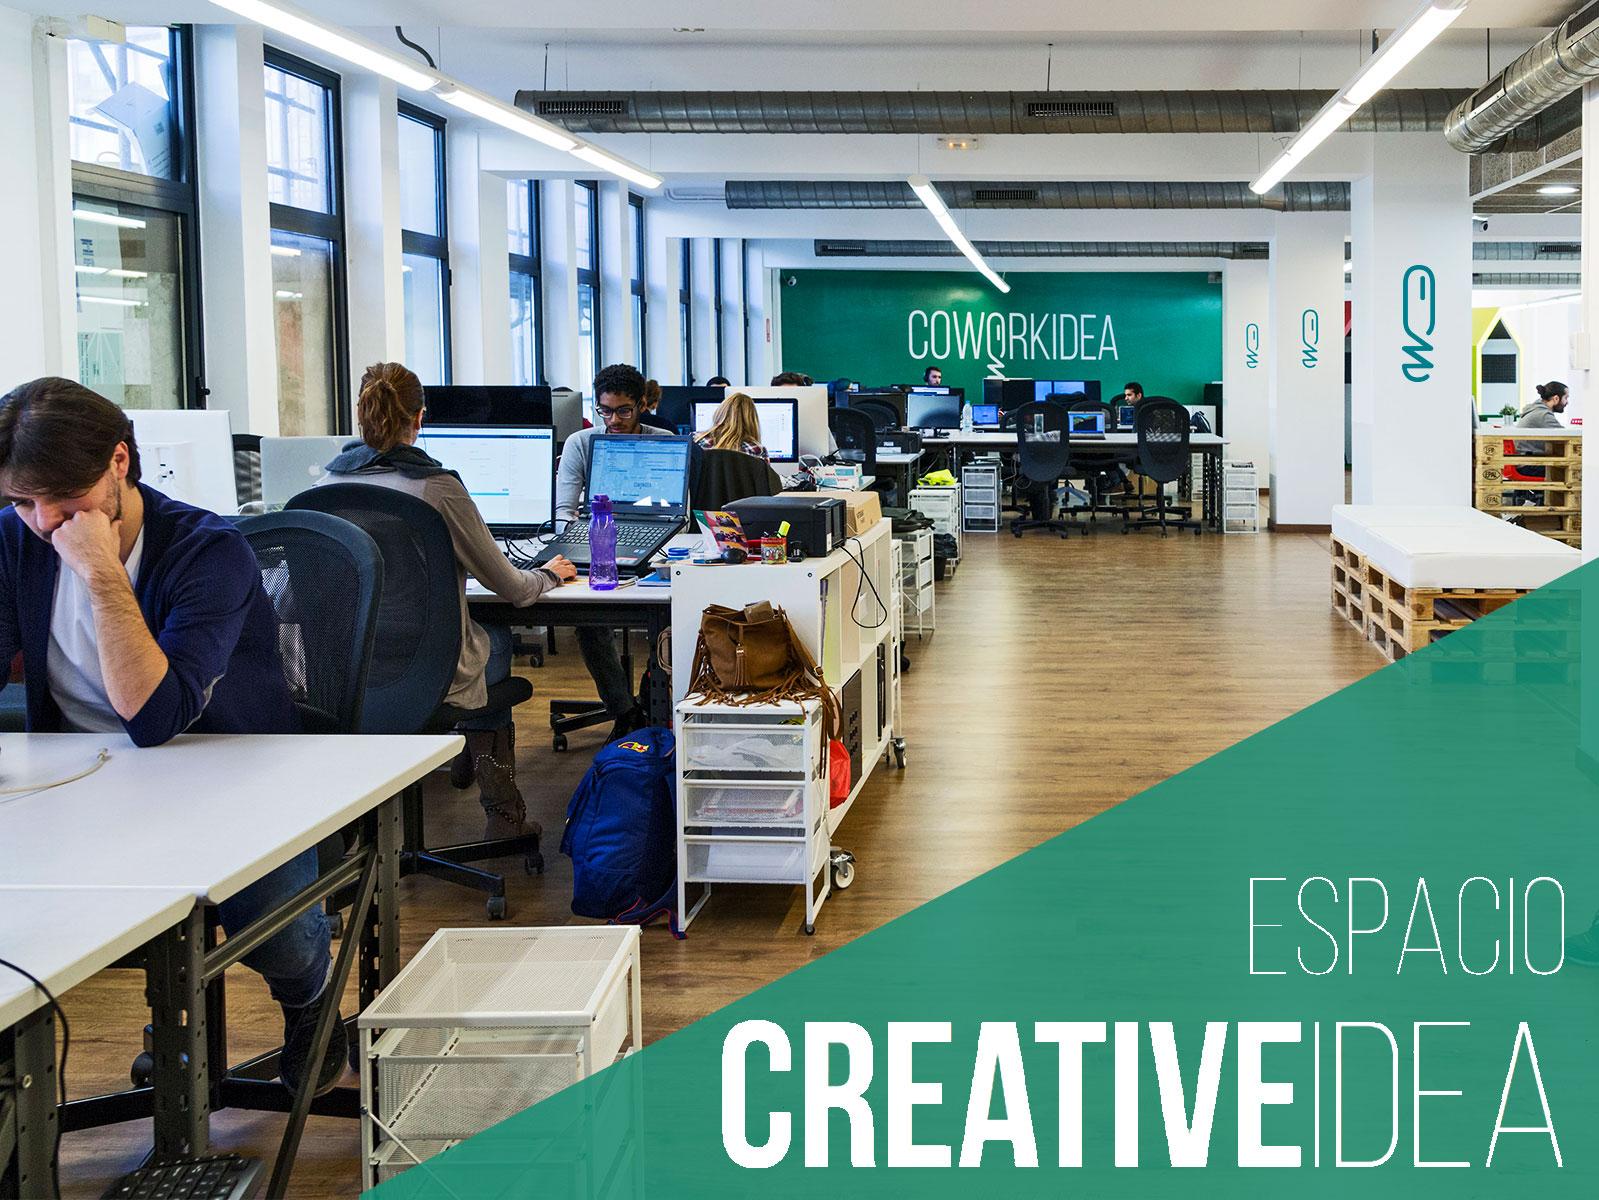 Espacio Crative Idea para creativos, freelancers y nómadas digitales